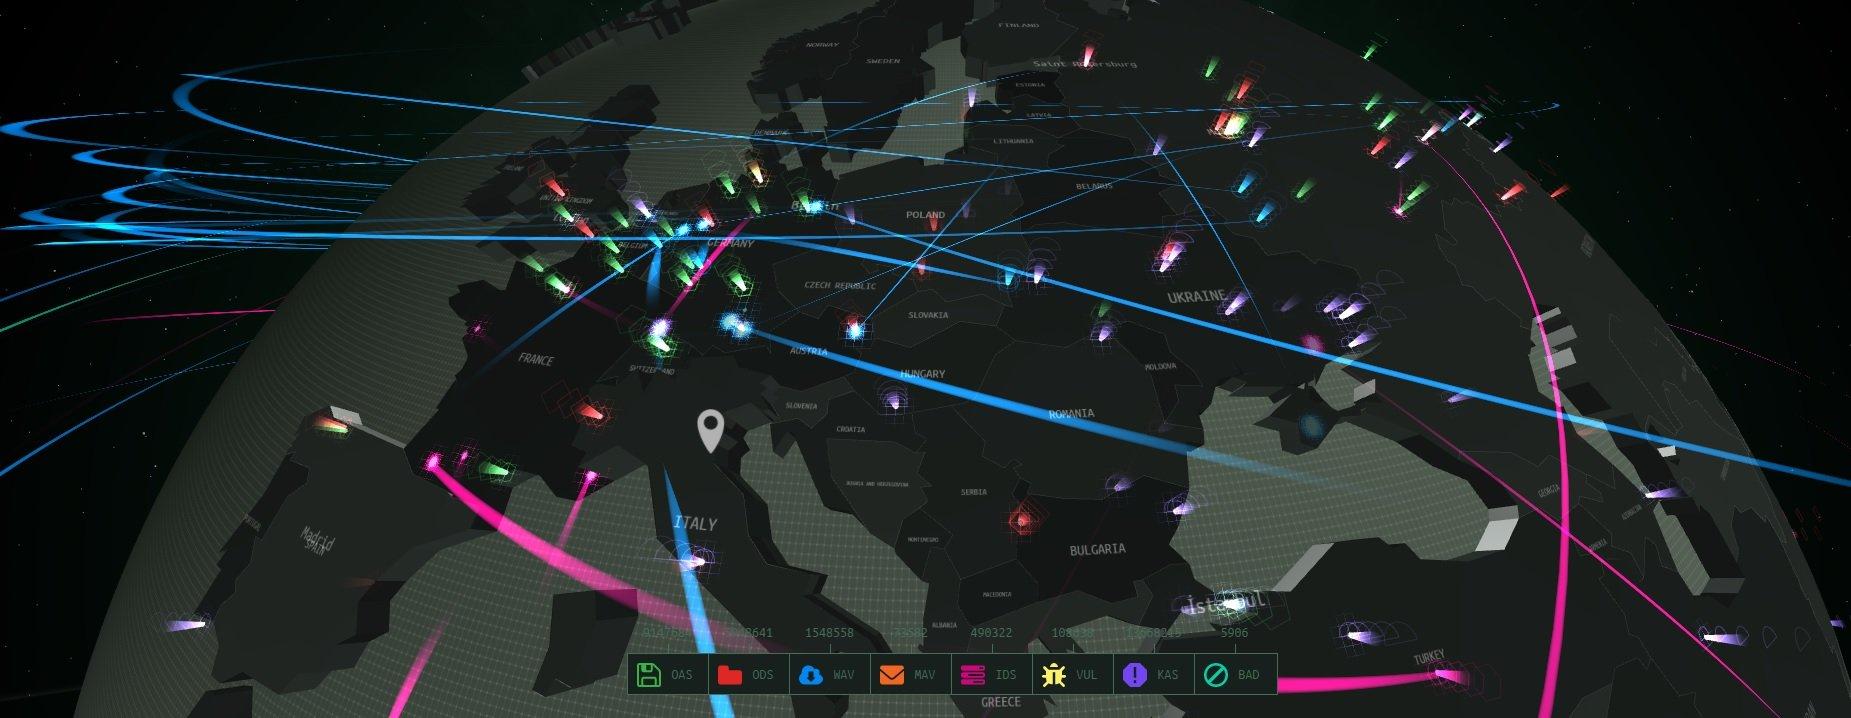 Kaspersky minacce